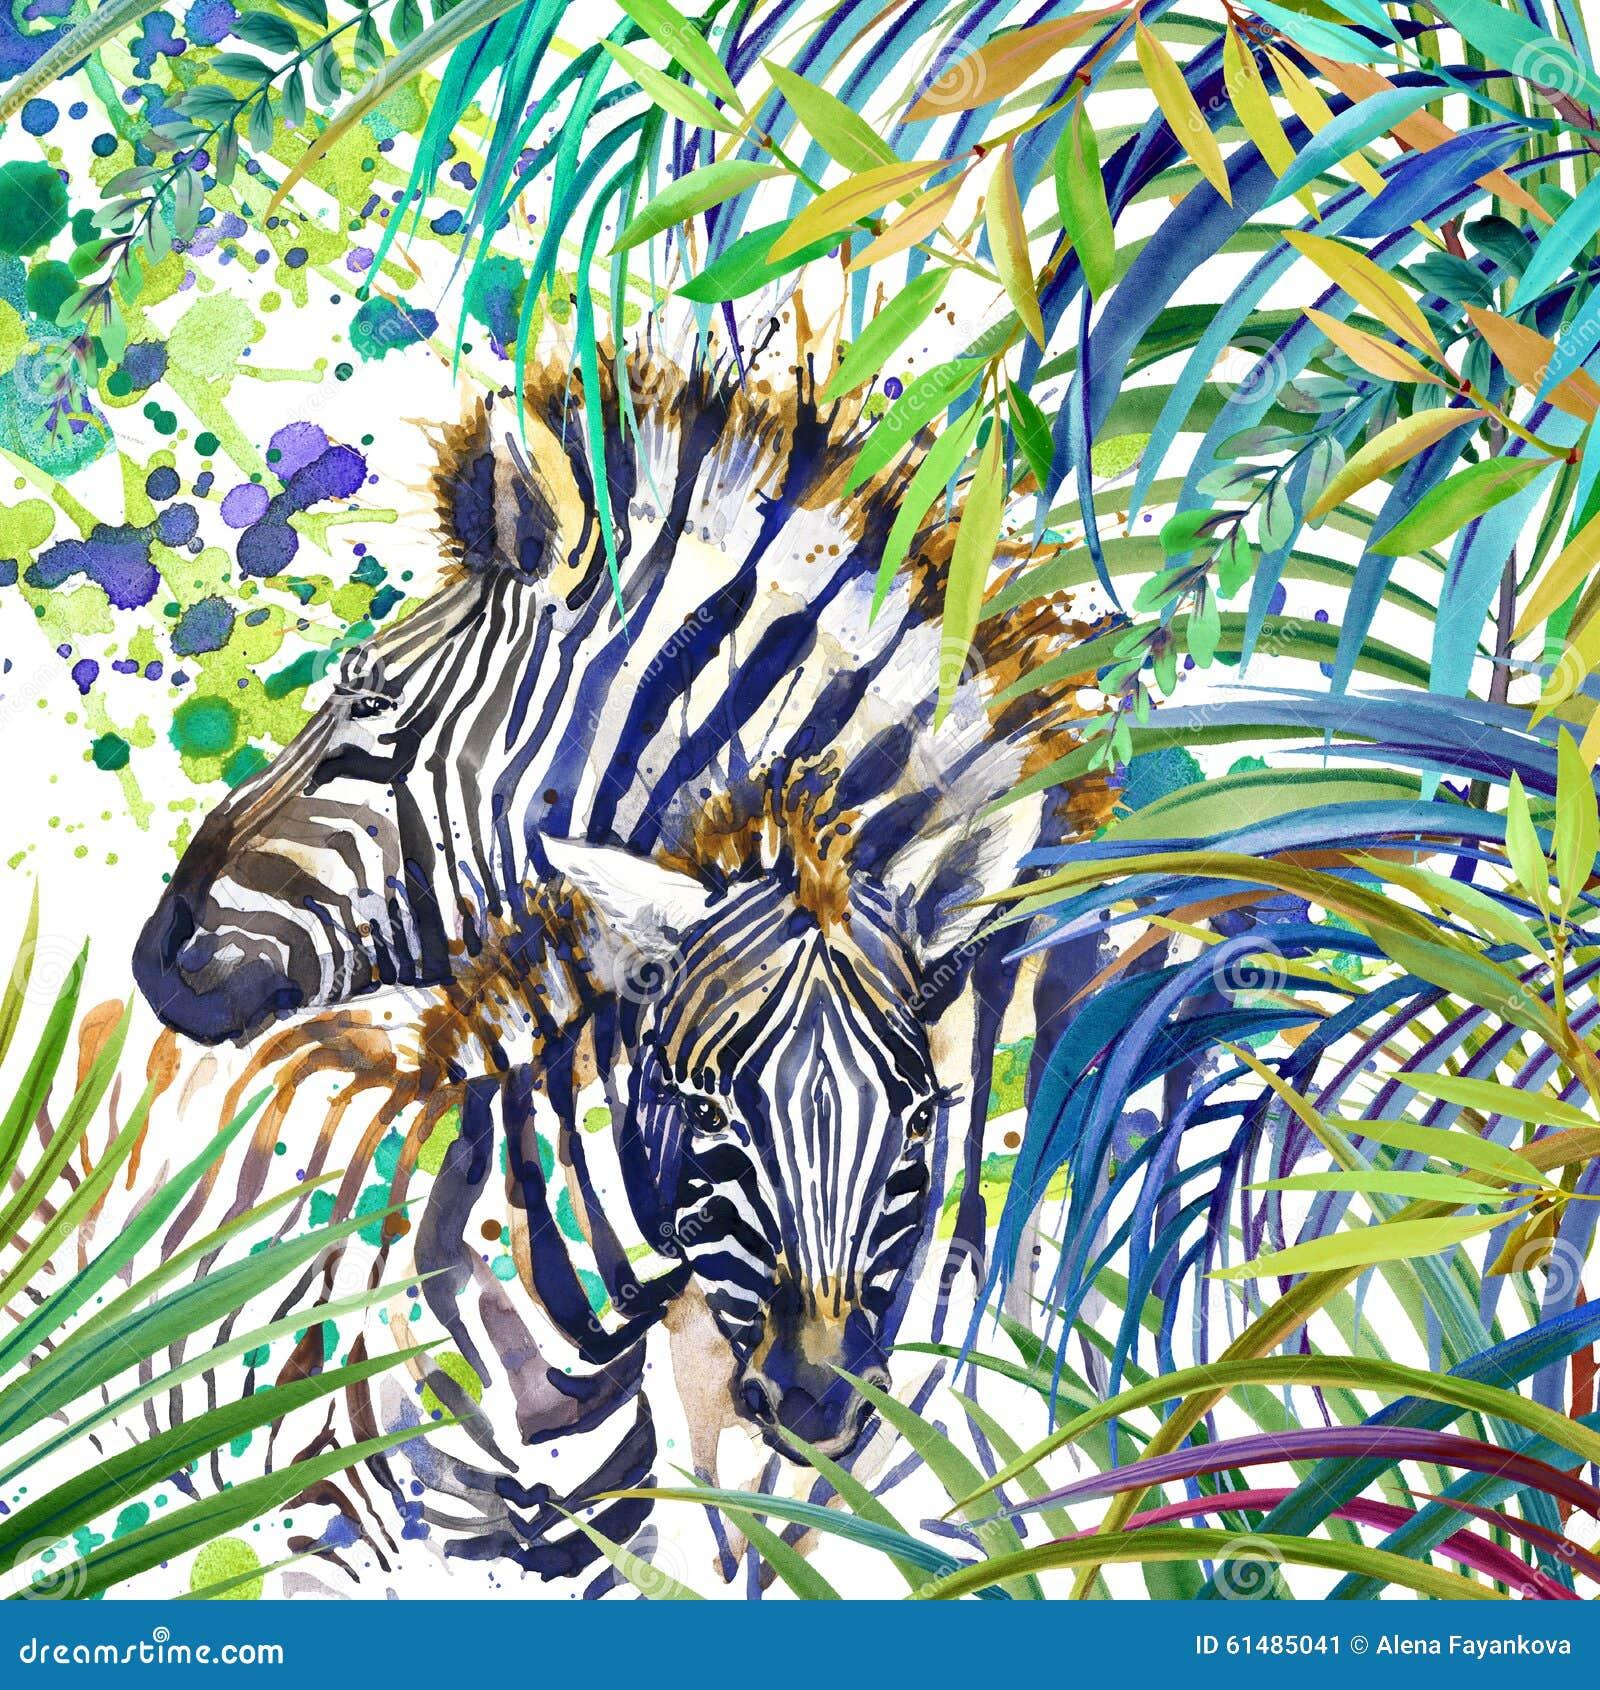 Tropische exotische bos, Gestreepte familie, groene bladeren, het wild, waterverfillustratie Fe, waterverfillustratie